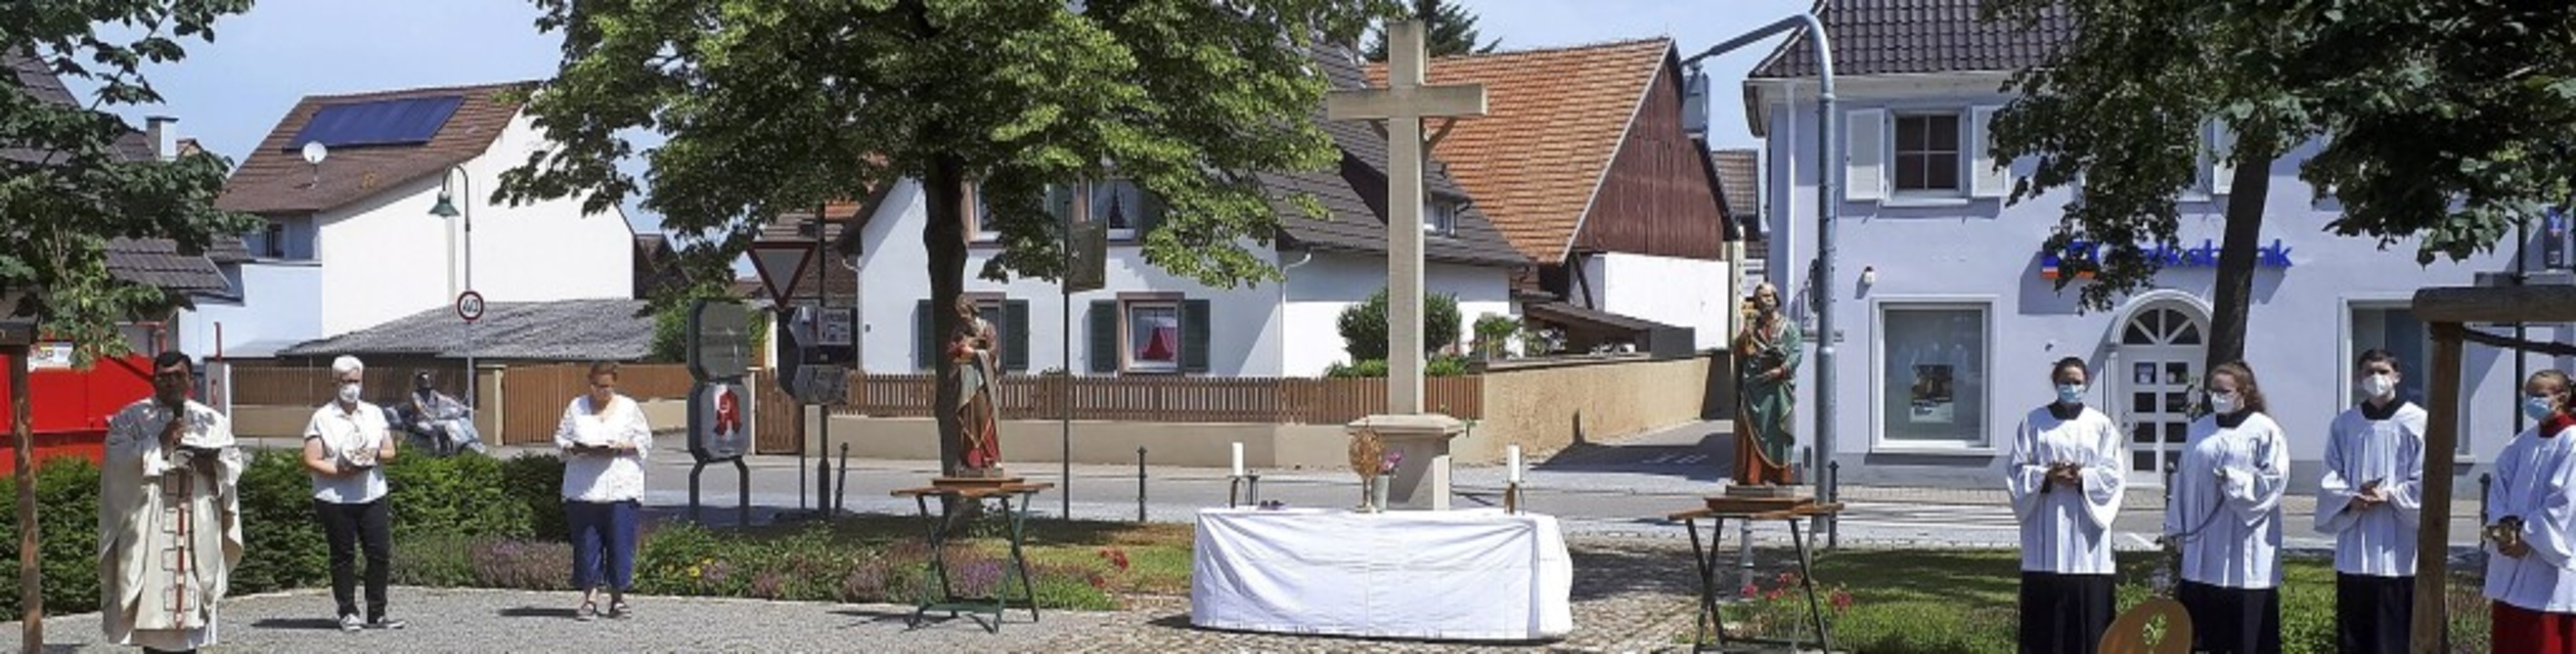 Patrozinium einmal anders: Statt Proze...g vor der Kirche mit Abstand und Maske  | Foto: Otmar Faller